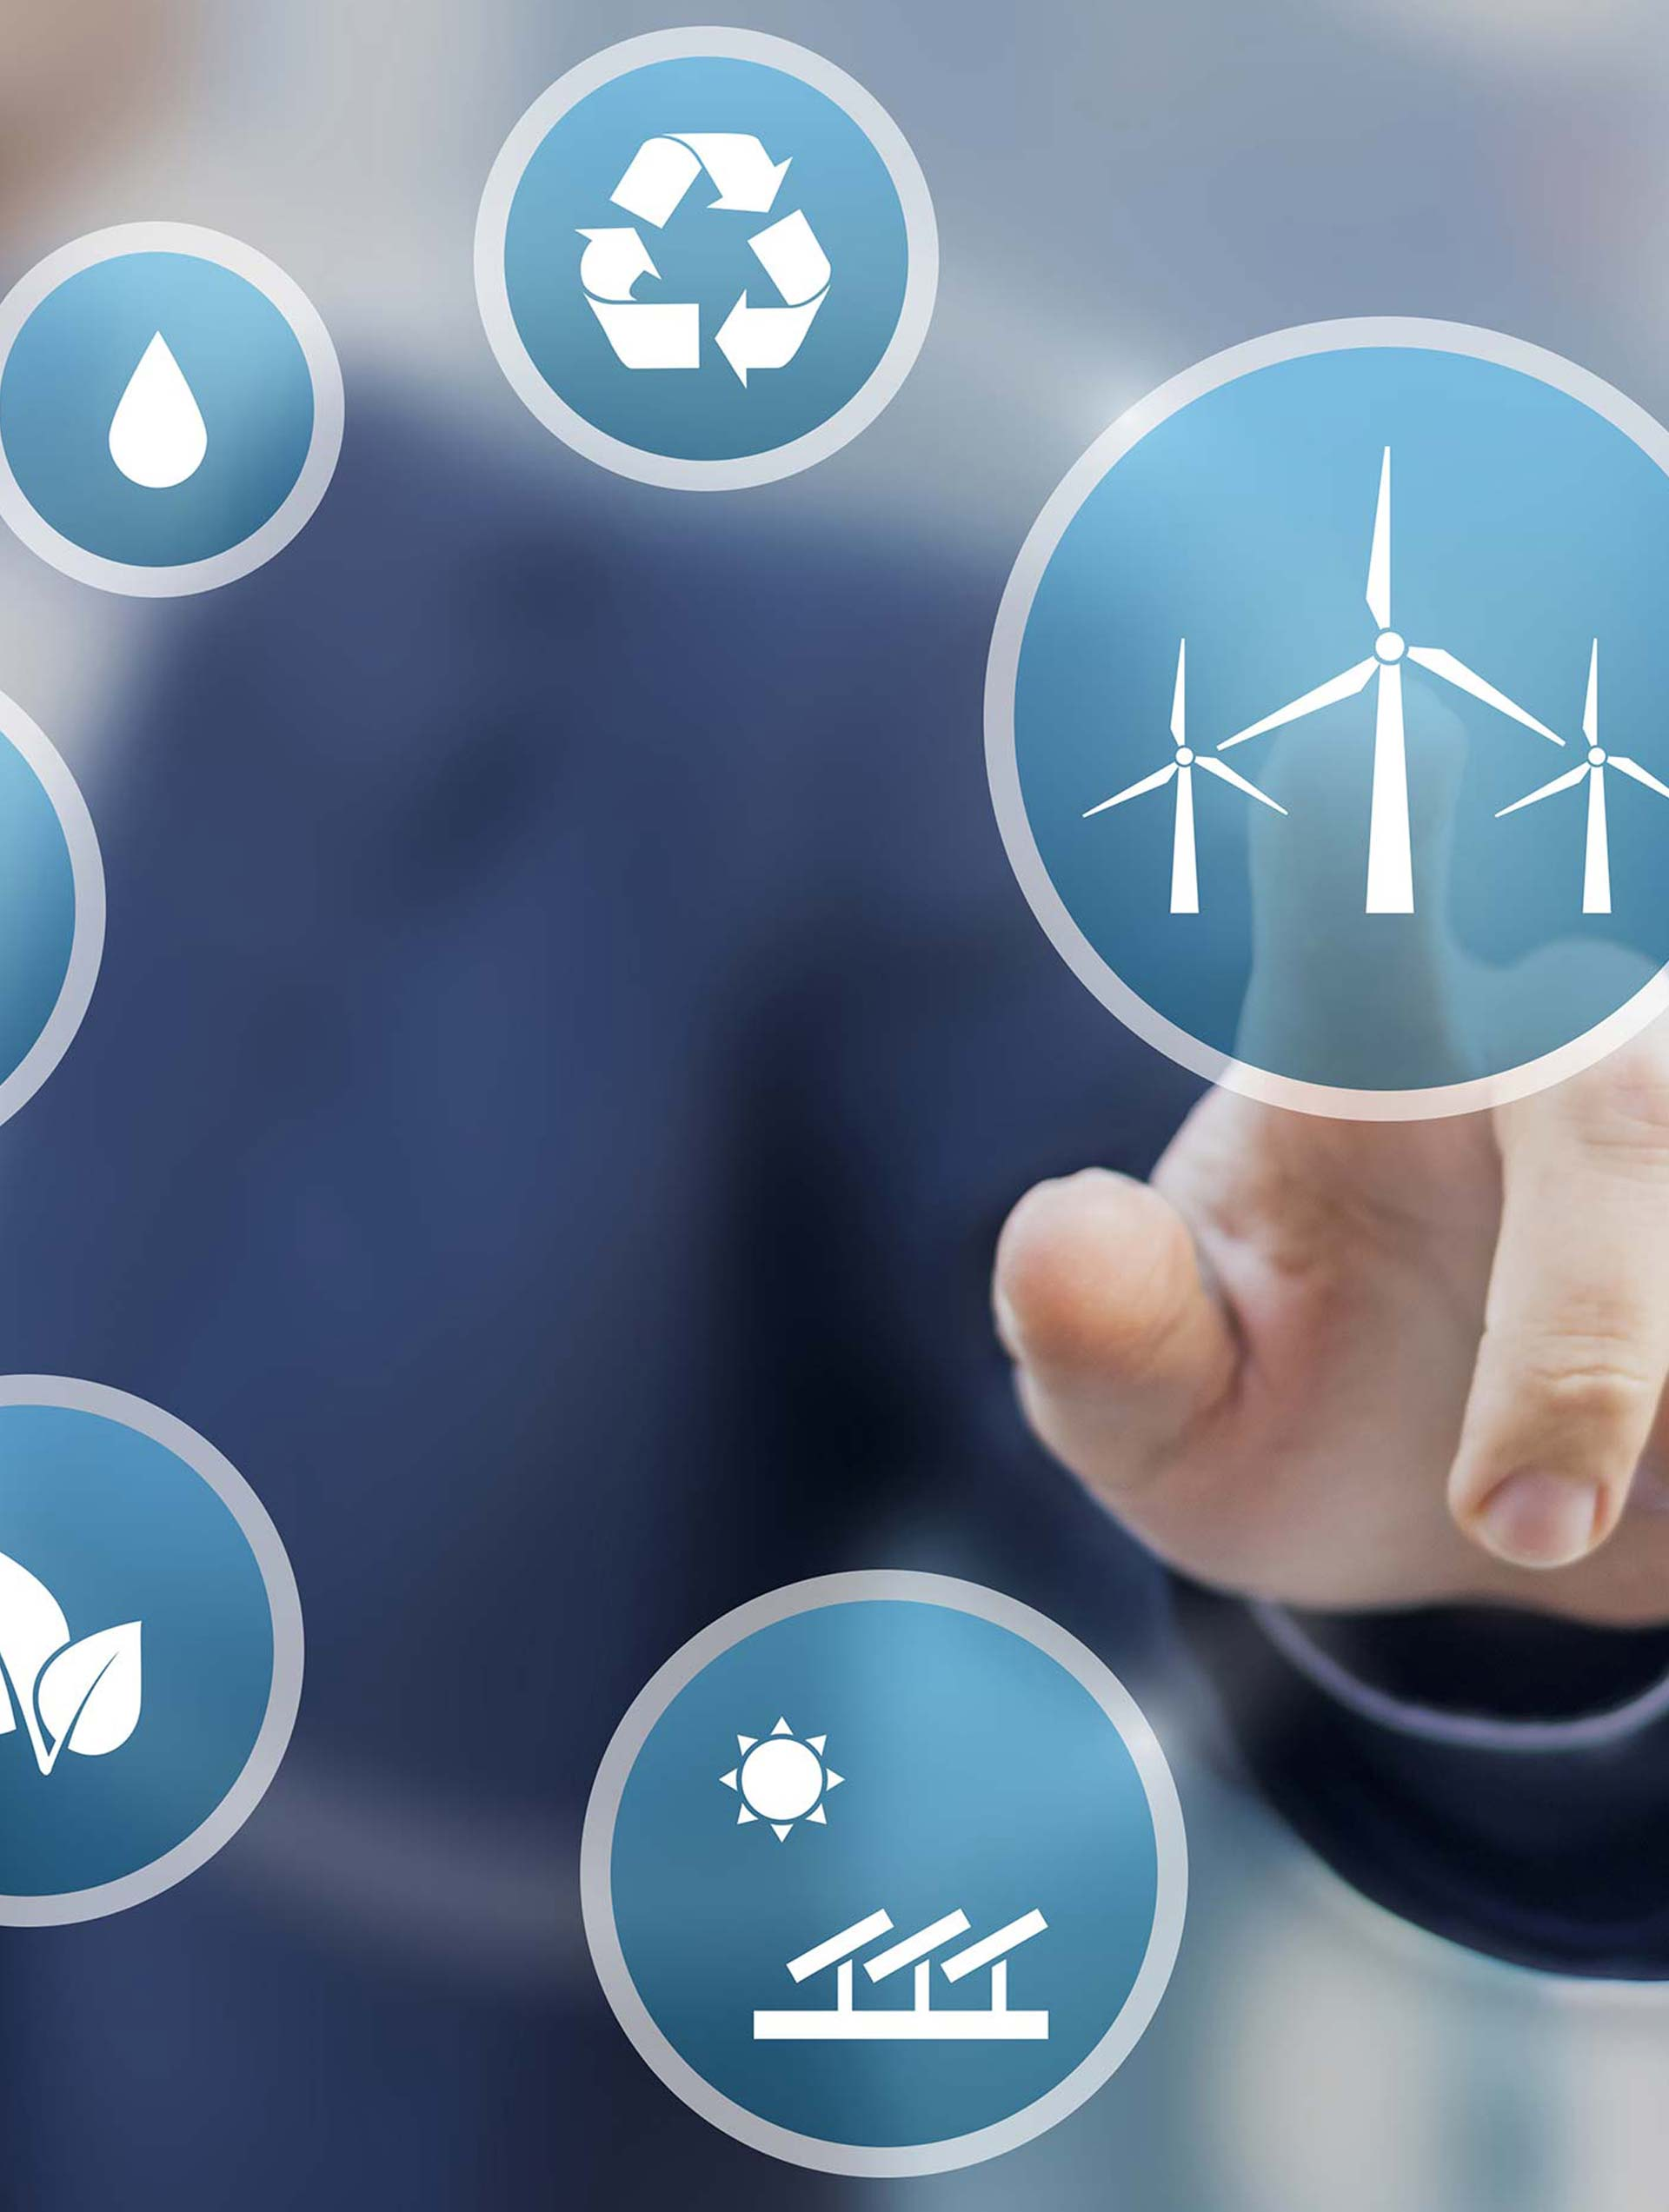 Energías renovables en la gestión energética